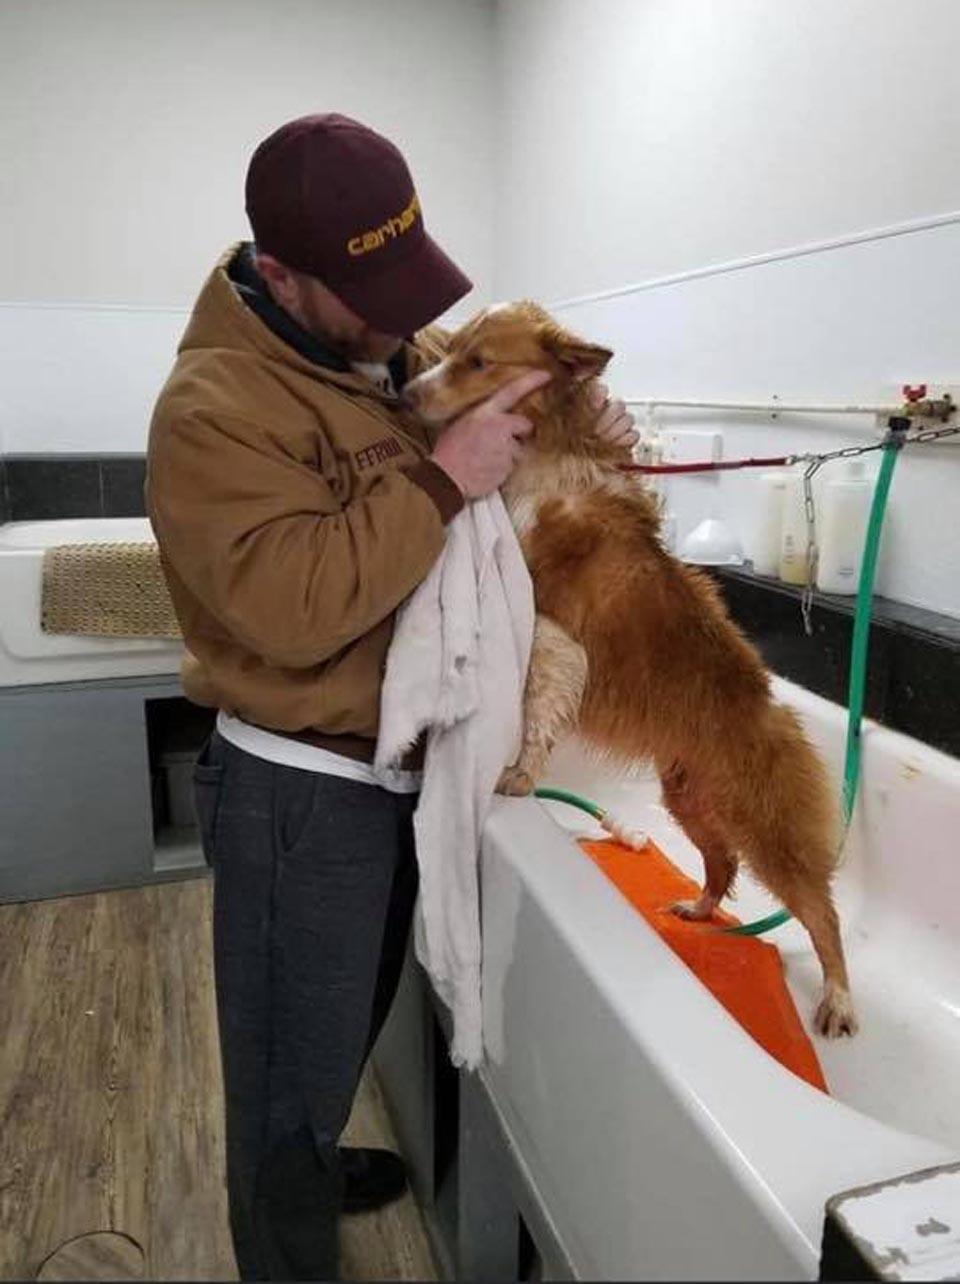 El hombre cuida al perro encontrado